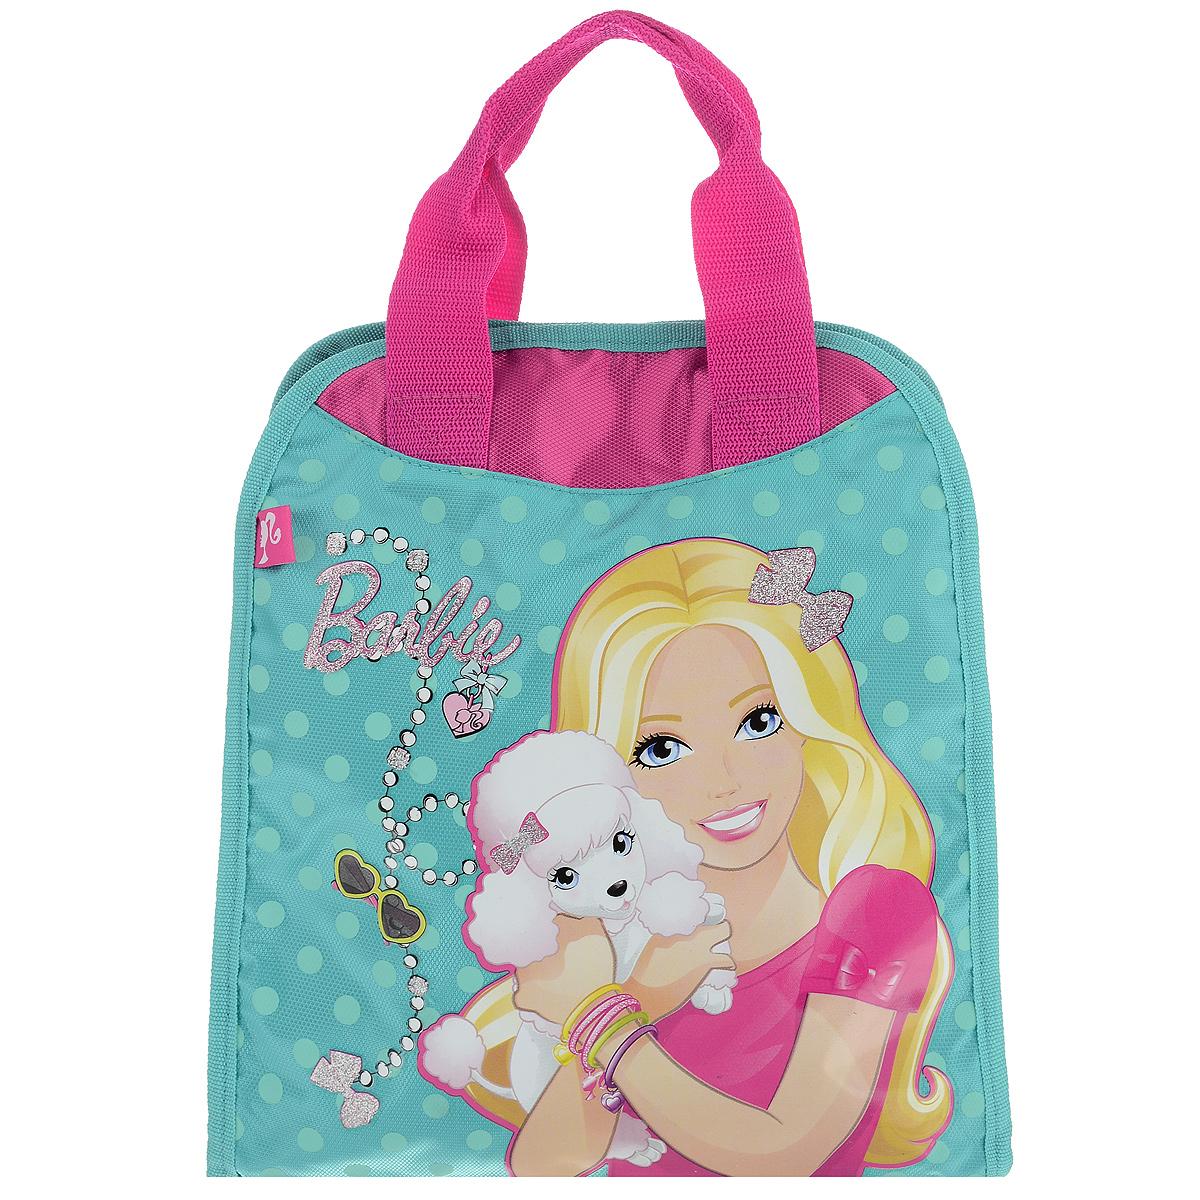 Сумочка детская Barbie, цвет: бирюзовый, розовый. BRAS-UT-1051MHBB-MT1-988MСтильная детская сумочка Barbie, оформленная изображением известной игрушки - куклы Барби, несомненно, понравится вашей малышке.Сумочка имеет одно вместительное отделение, закрывающееся на застежку-липучку, куда можно положить все необходимые принадлежности и аксессуары. Внутри отделения имеется накладной карман на молнии. Сумочка оснащена двумя ручками для переноски в руке. Окантовка сумки выполнена из плотной текстильной каймы. Каждая юная поклонница популярной серии игрушек, будет рада такому аксессуару.